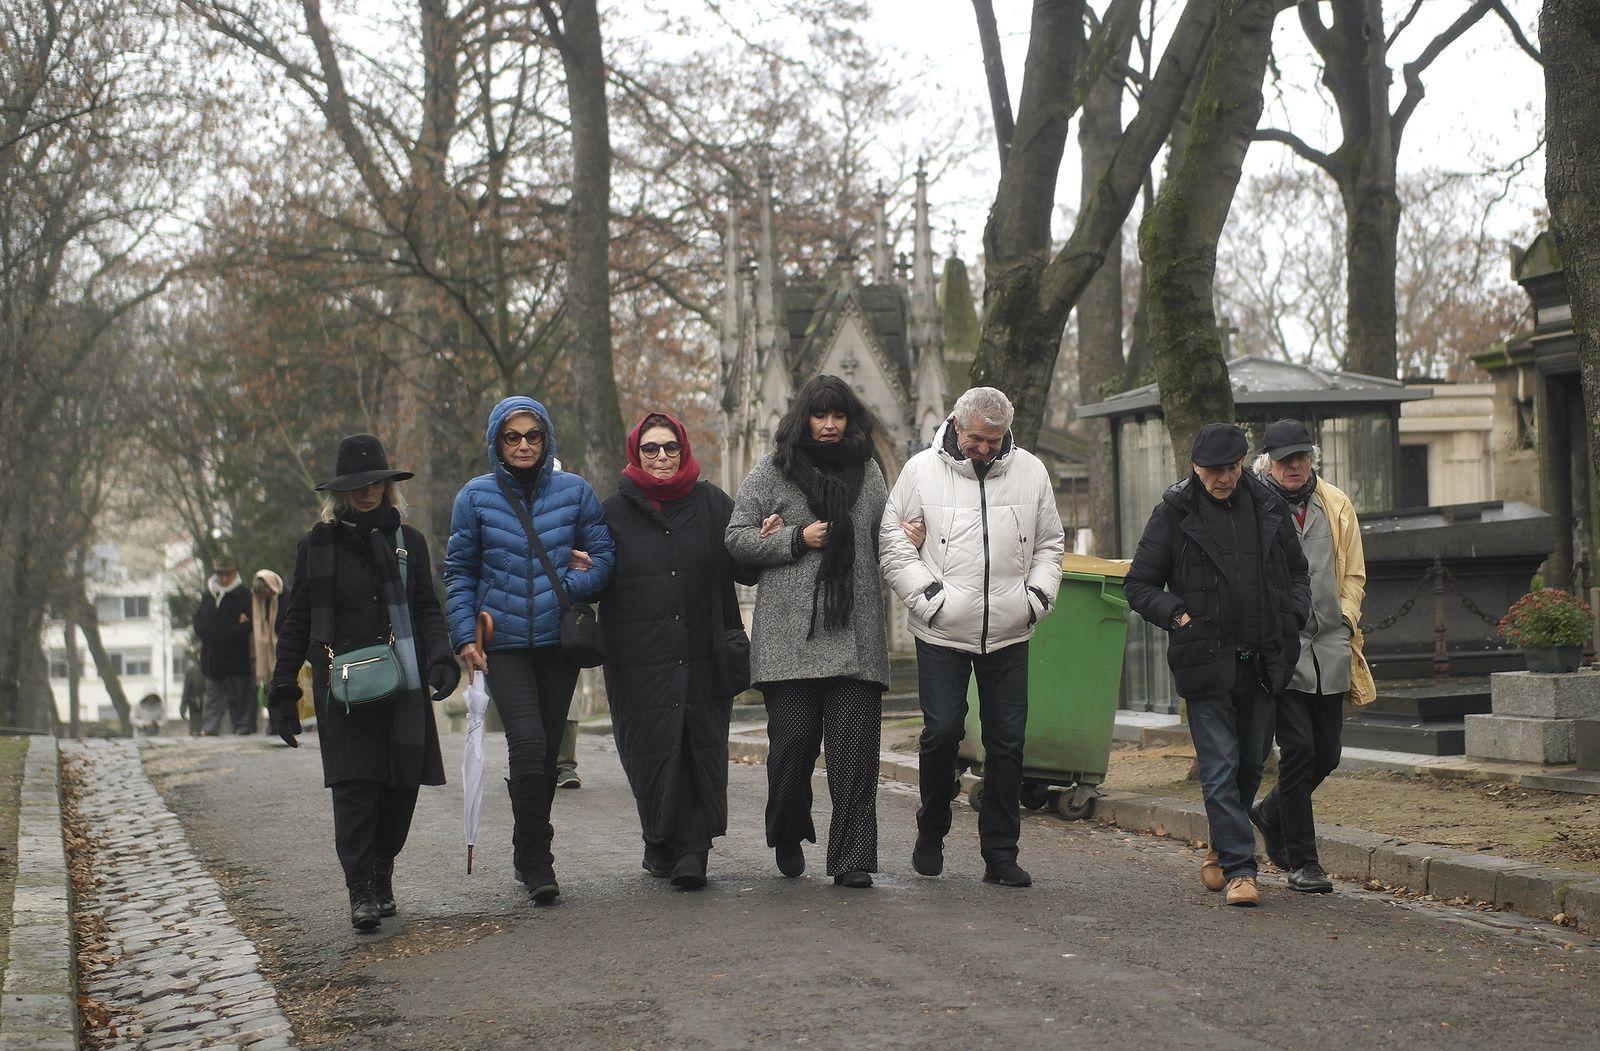 Arlette Gordon, Martine Lelouch, soeur de Claude, Anouk Aimée, Valérie Perrin compagne de Claude Lelouch